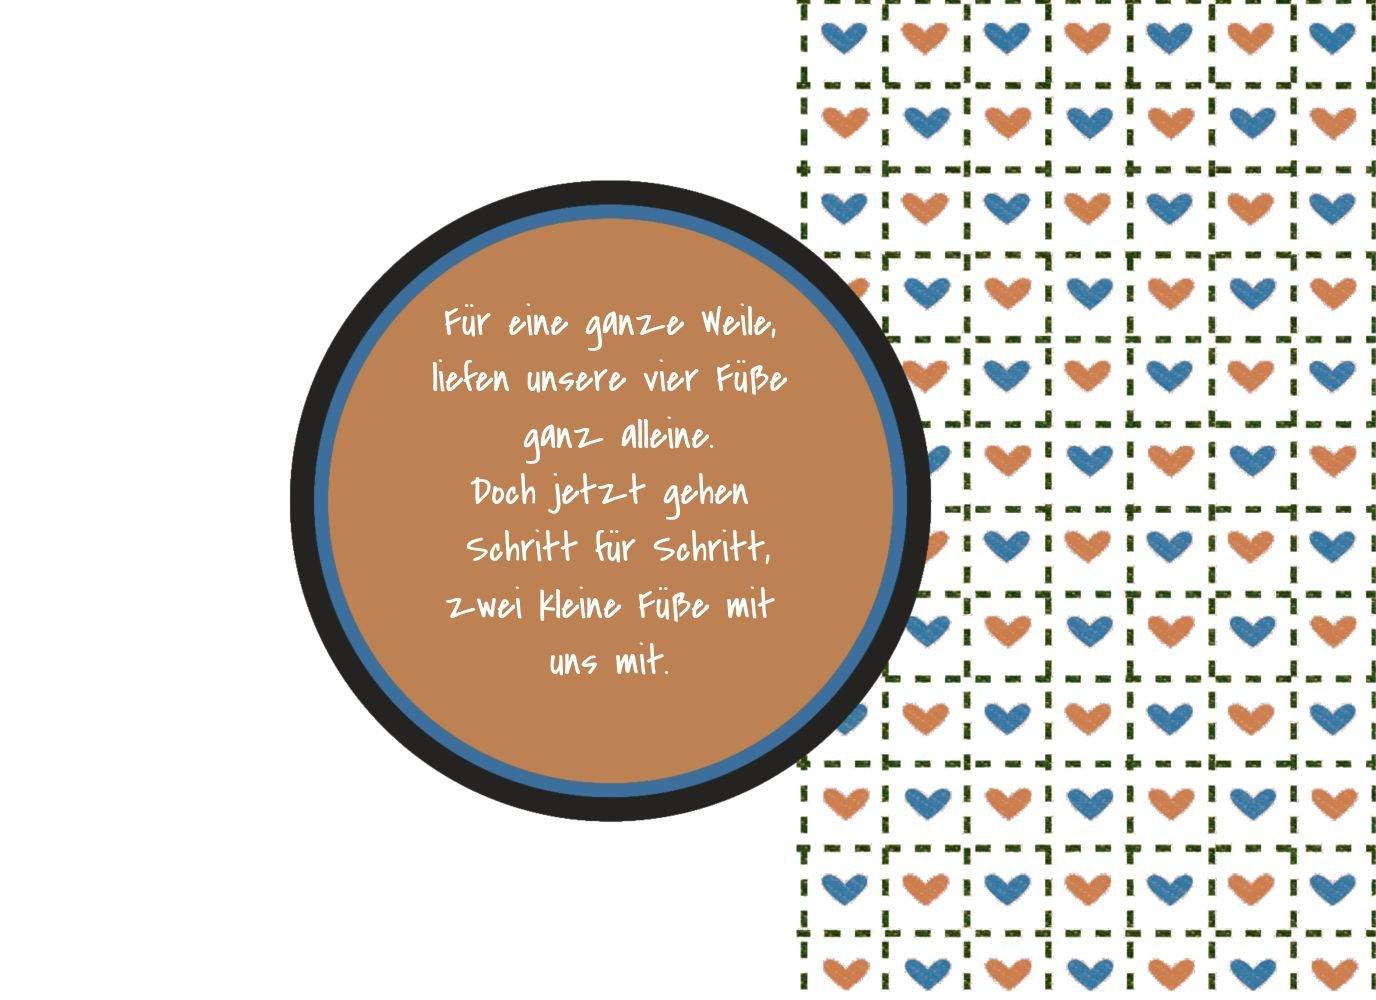 Kartenparadies Kartenparadies Kartenparadies Danksagung für Geburt Baby Dankeskarte Herzrahmen, hochwertige Danksagungskarte Baby inklusive Umschläge   100 Karten - (Format  148x105 mm) Farbe  Lila B01N9XDCQU   Überlegene Qualität    Grüne, neue Technologie    Bunt,  e1dc65